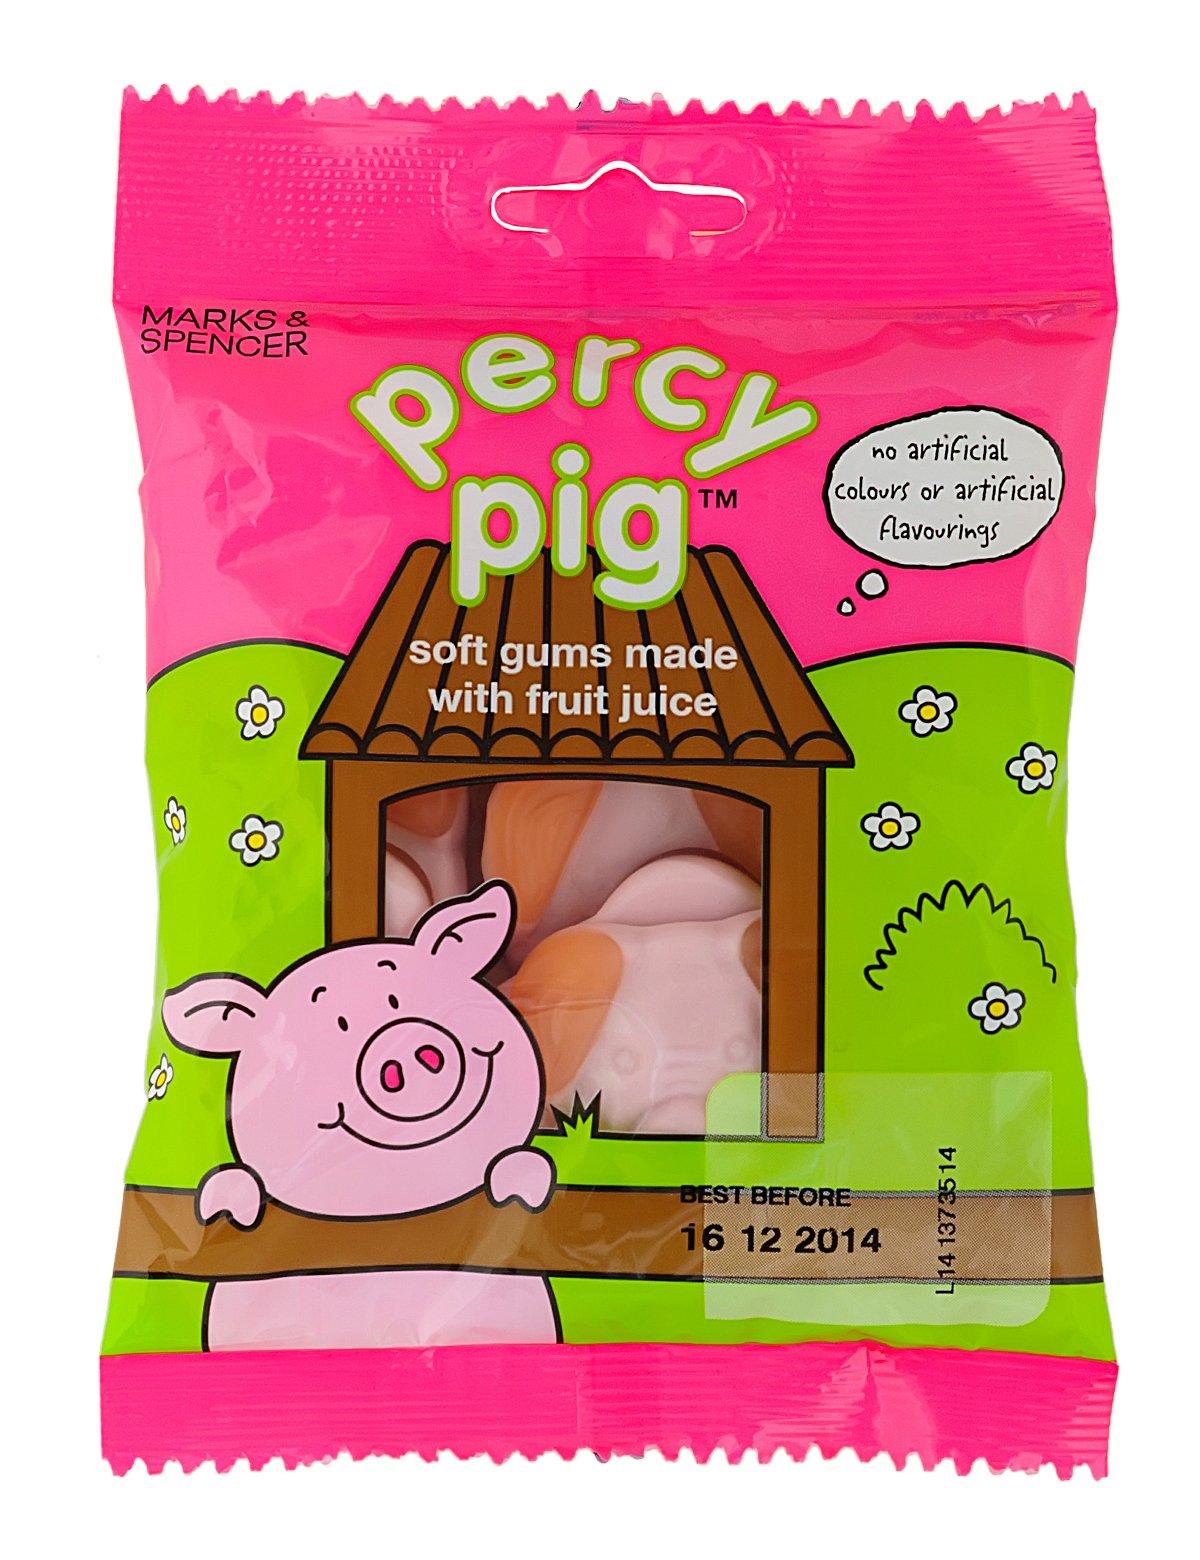 Marks & Spencer Percy Pig Soft Gums, 100g